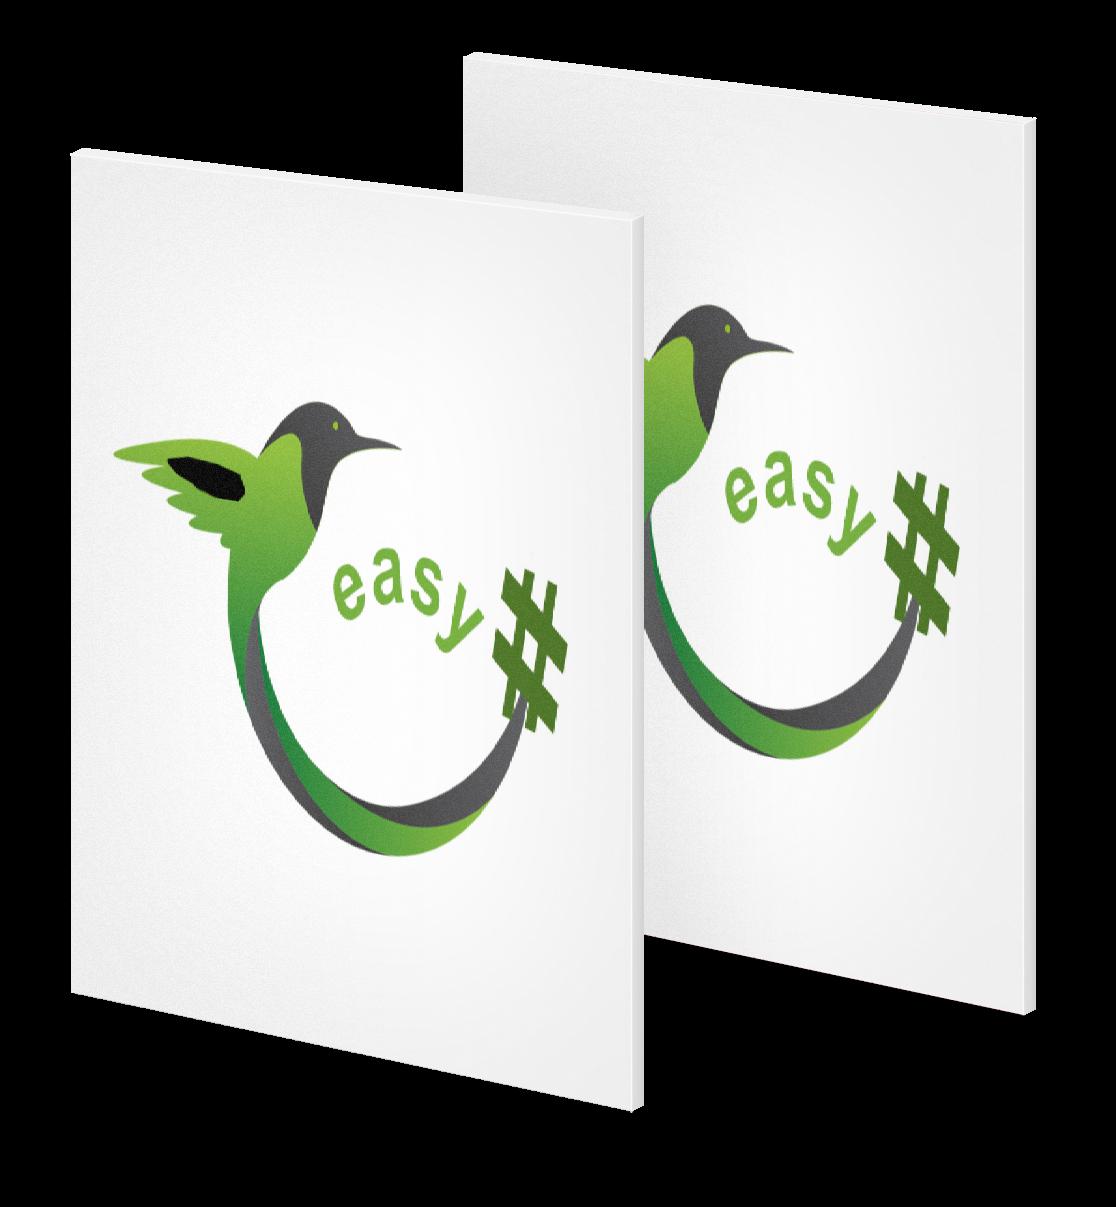 Разработка логотипа в виде хэштега #easy с зеленой колибри  фото f_6865d50592bd0329.png